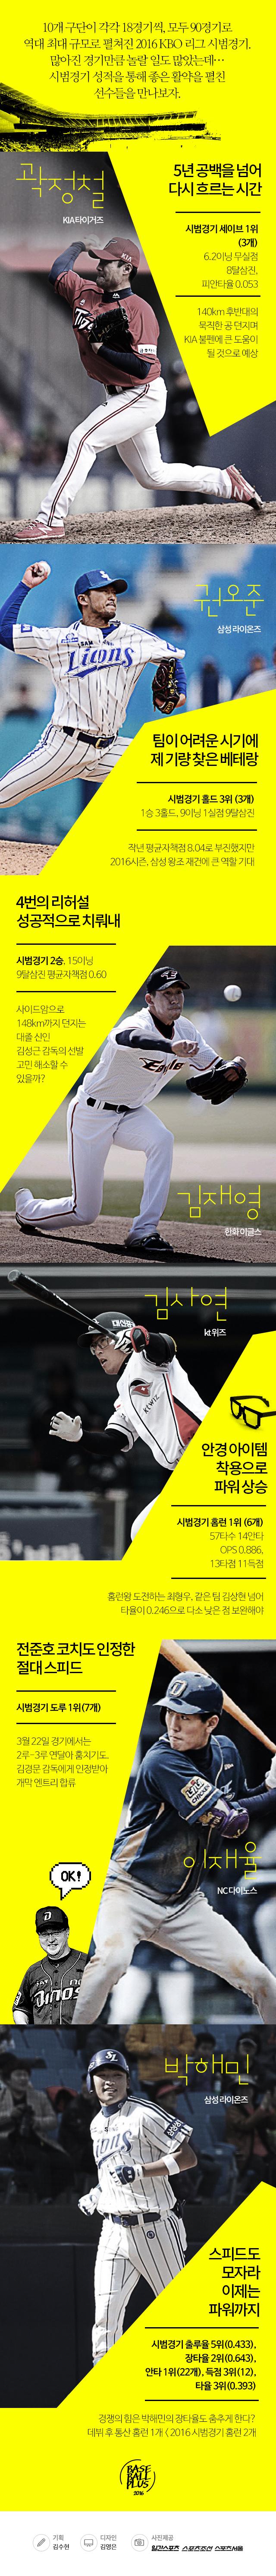 베이스볼플러스_20160401_2 (2).jpg